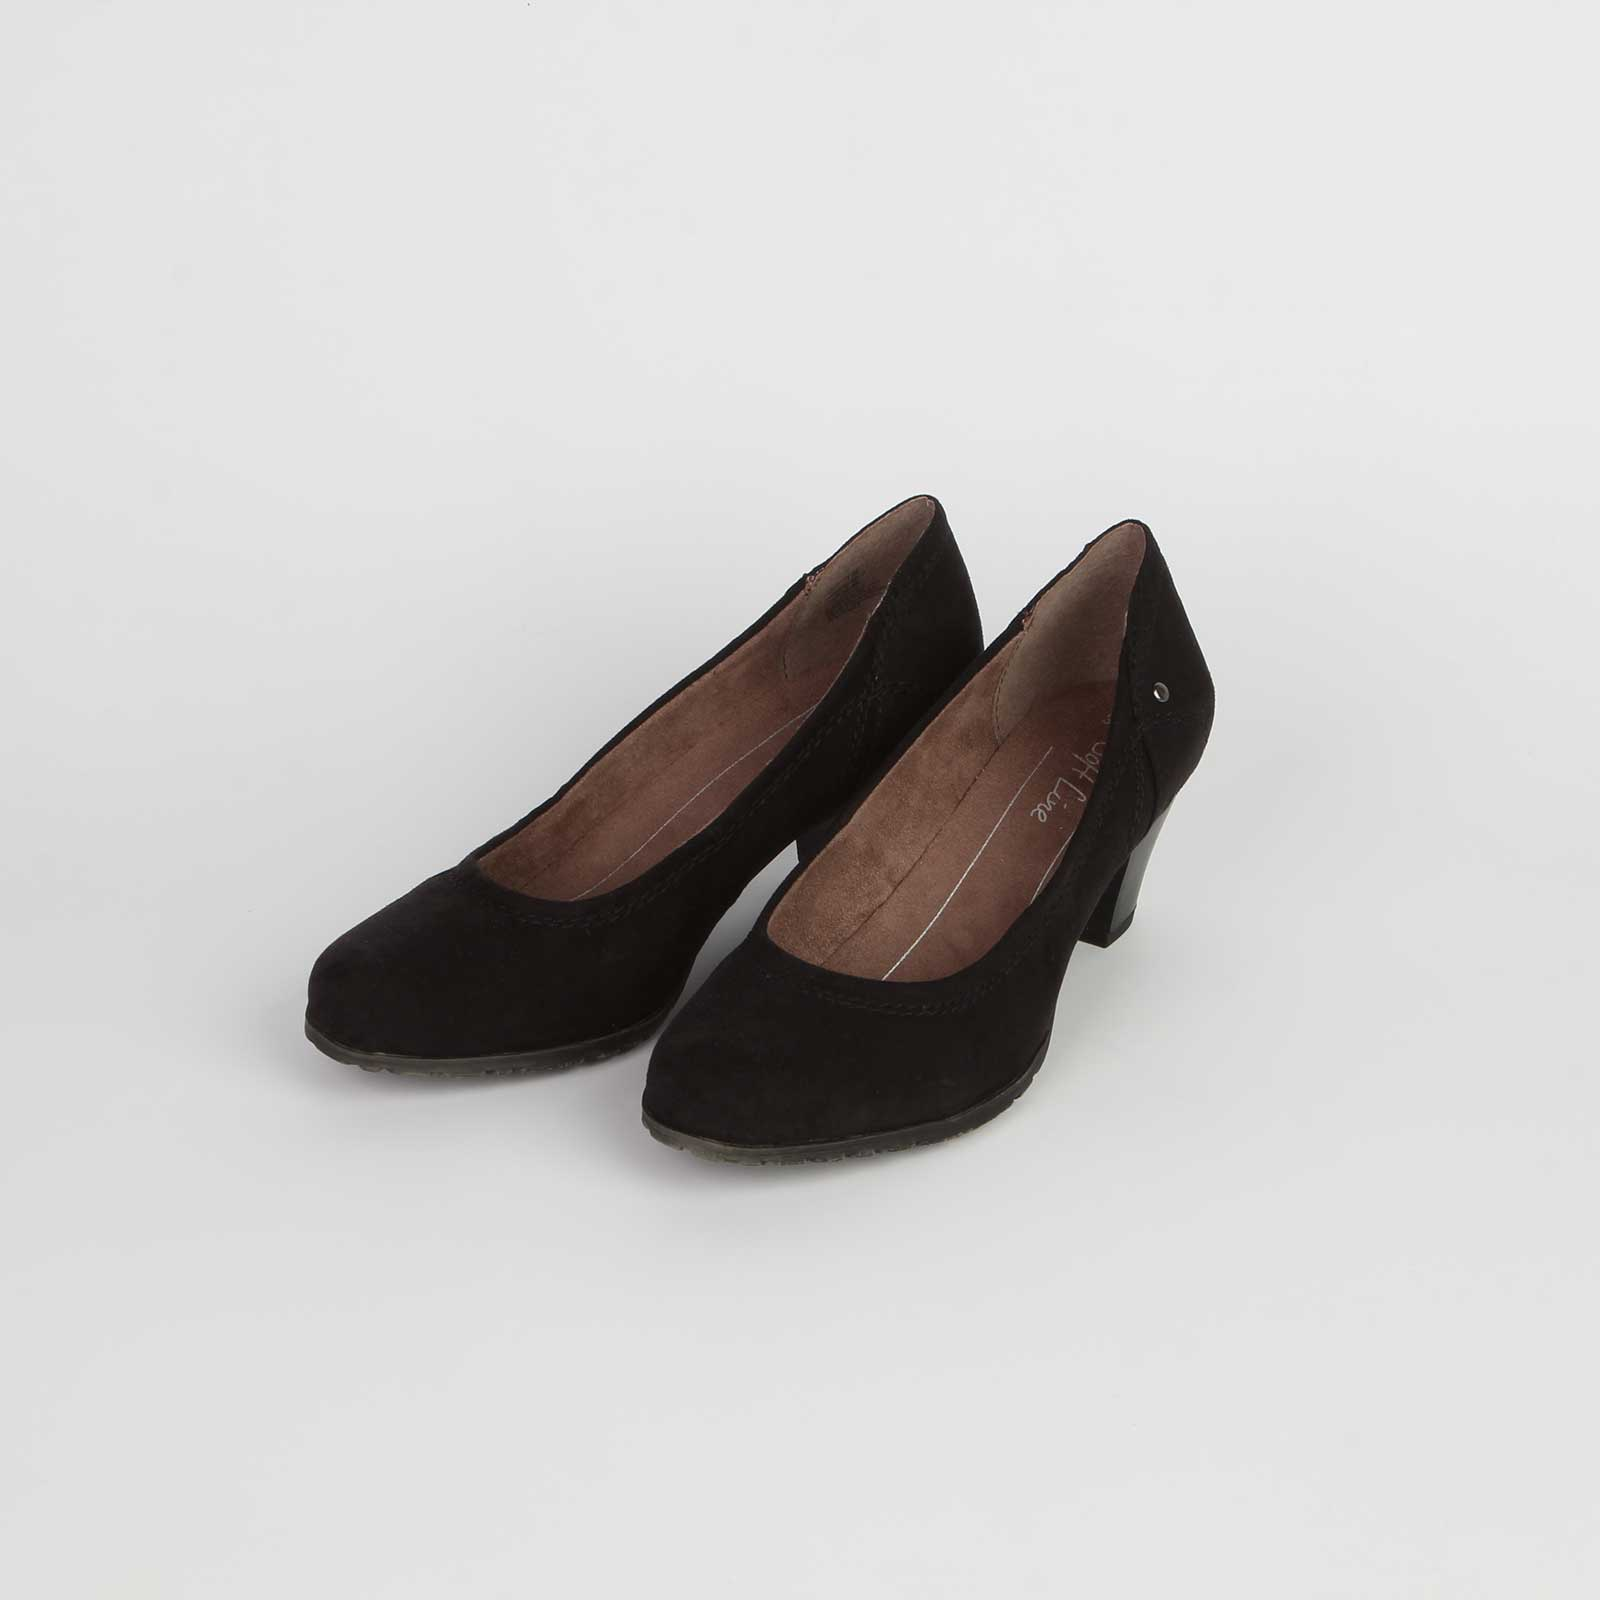 Туфли женские классические на удобном каблуке с закругленным мысом